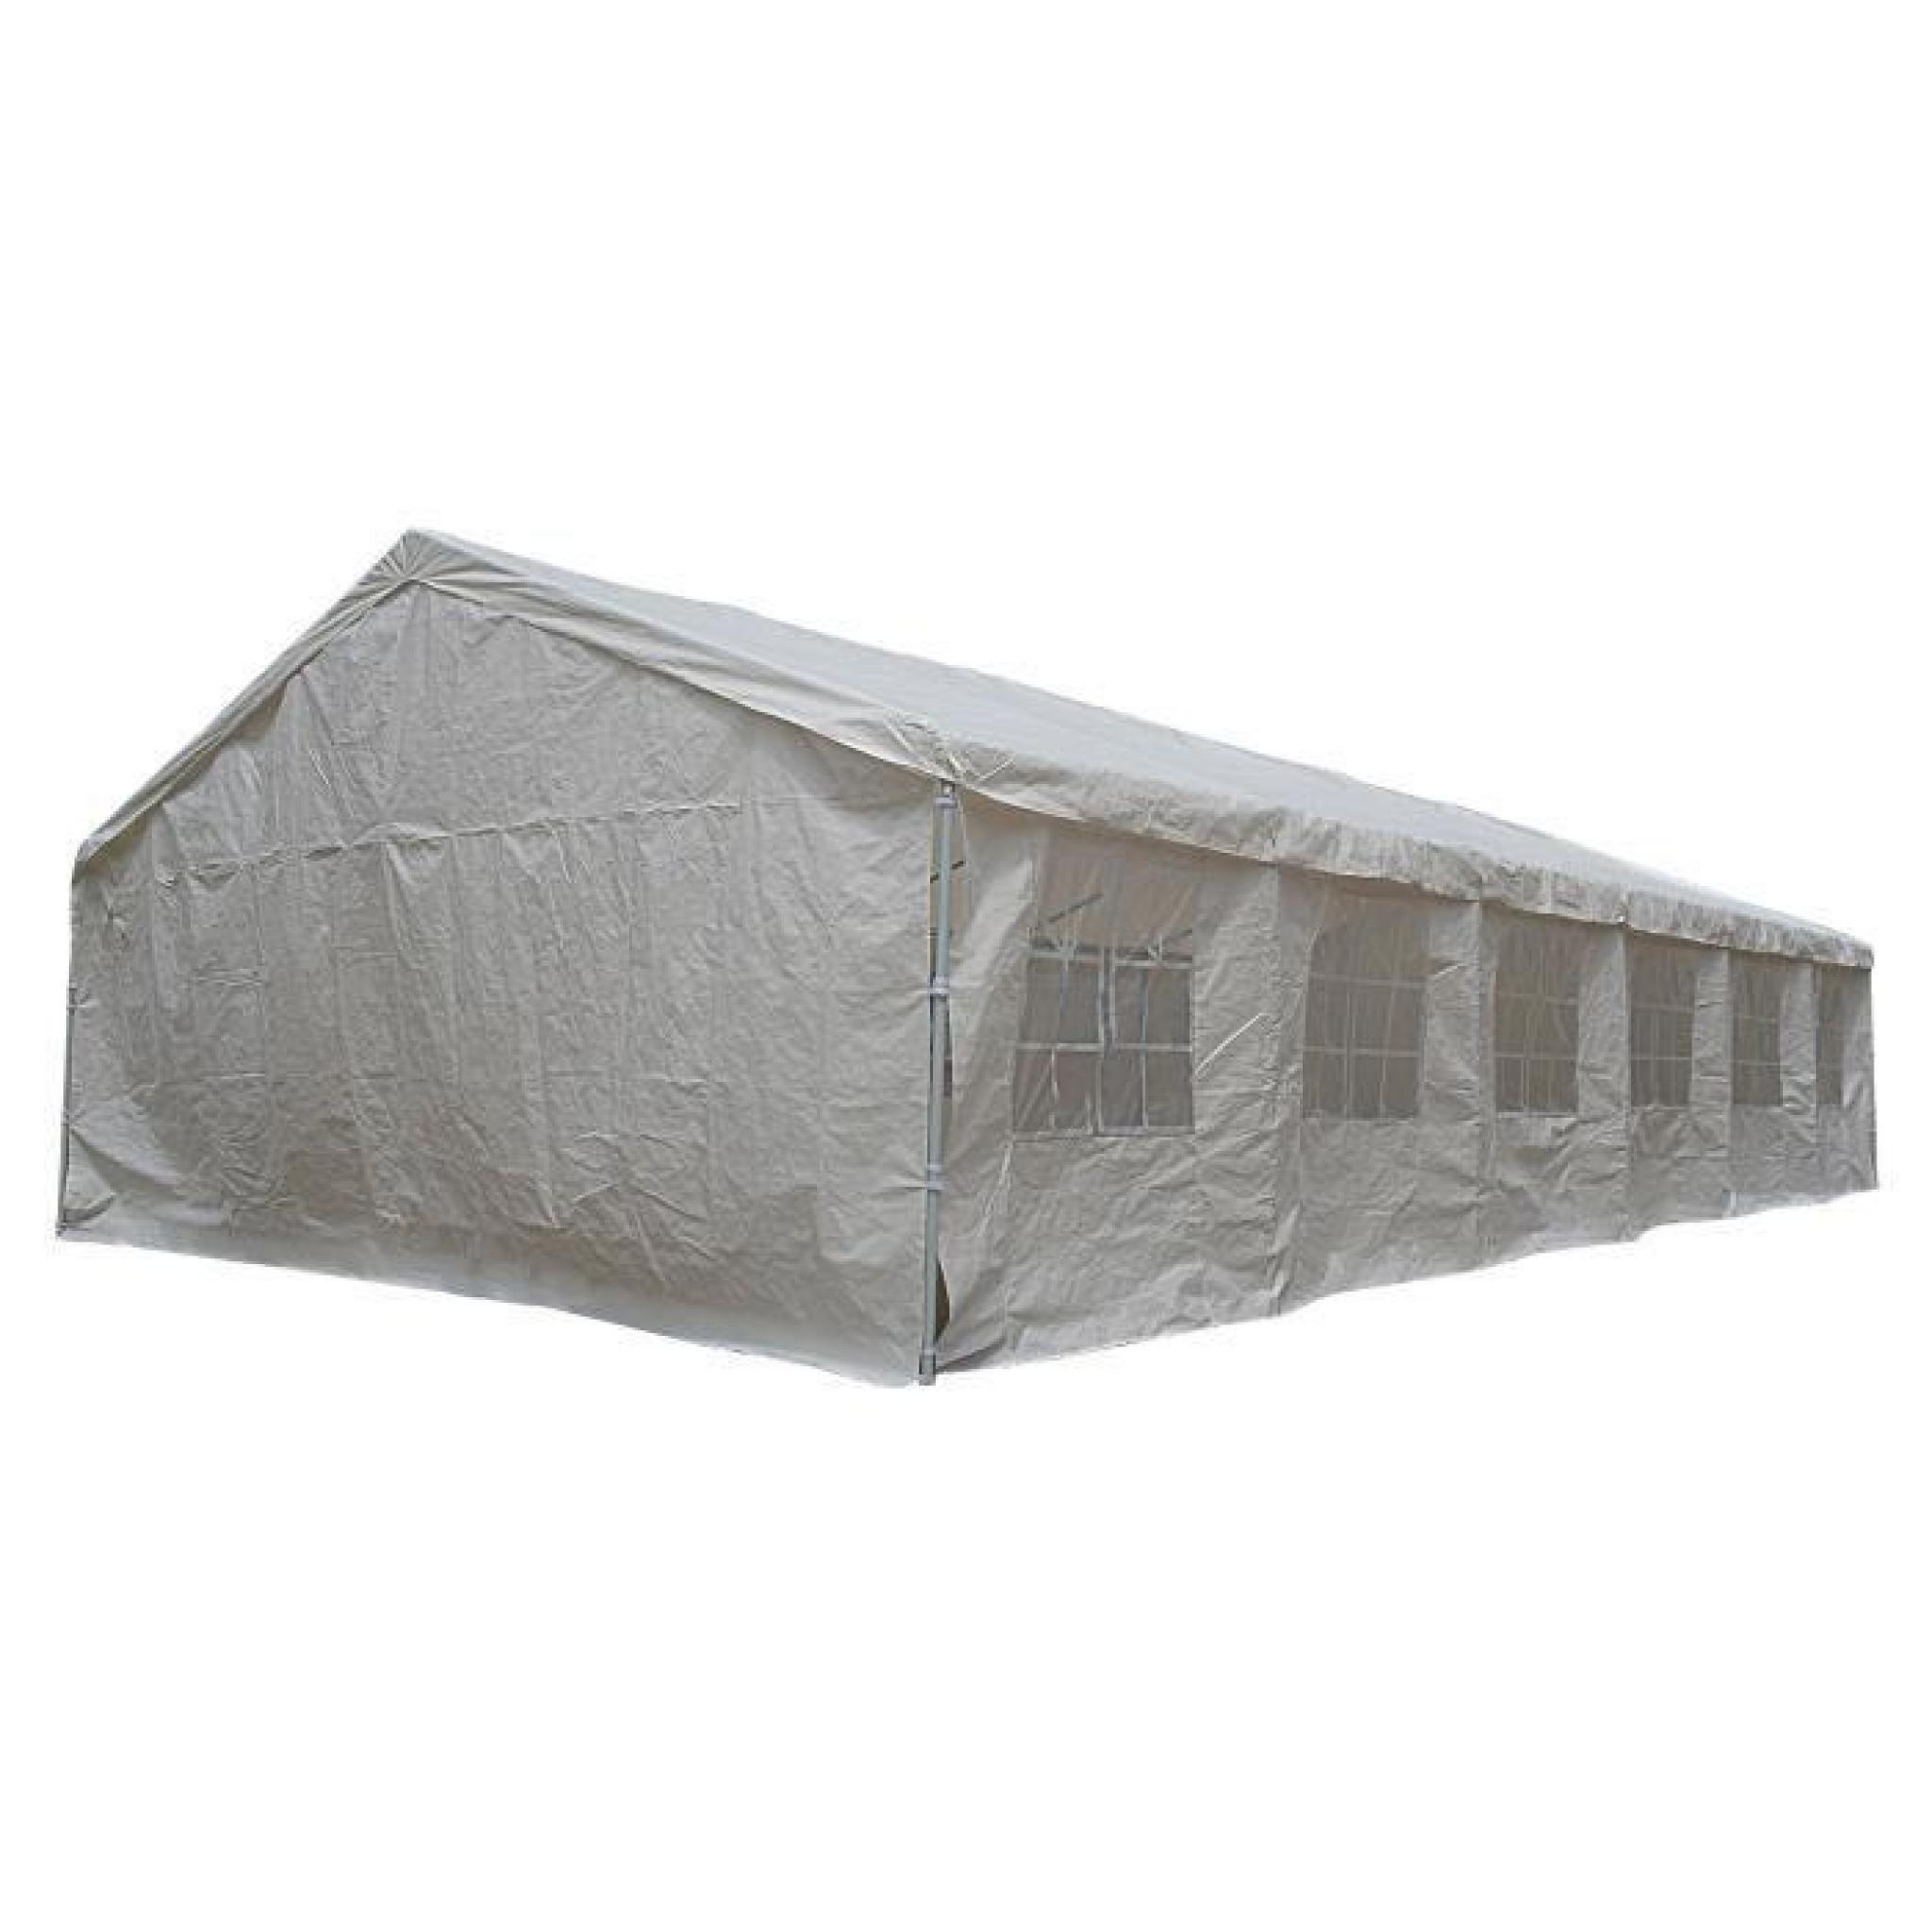 tente de jardin tente de jardin pergola 6x12m toile blanche achat vente